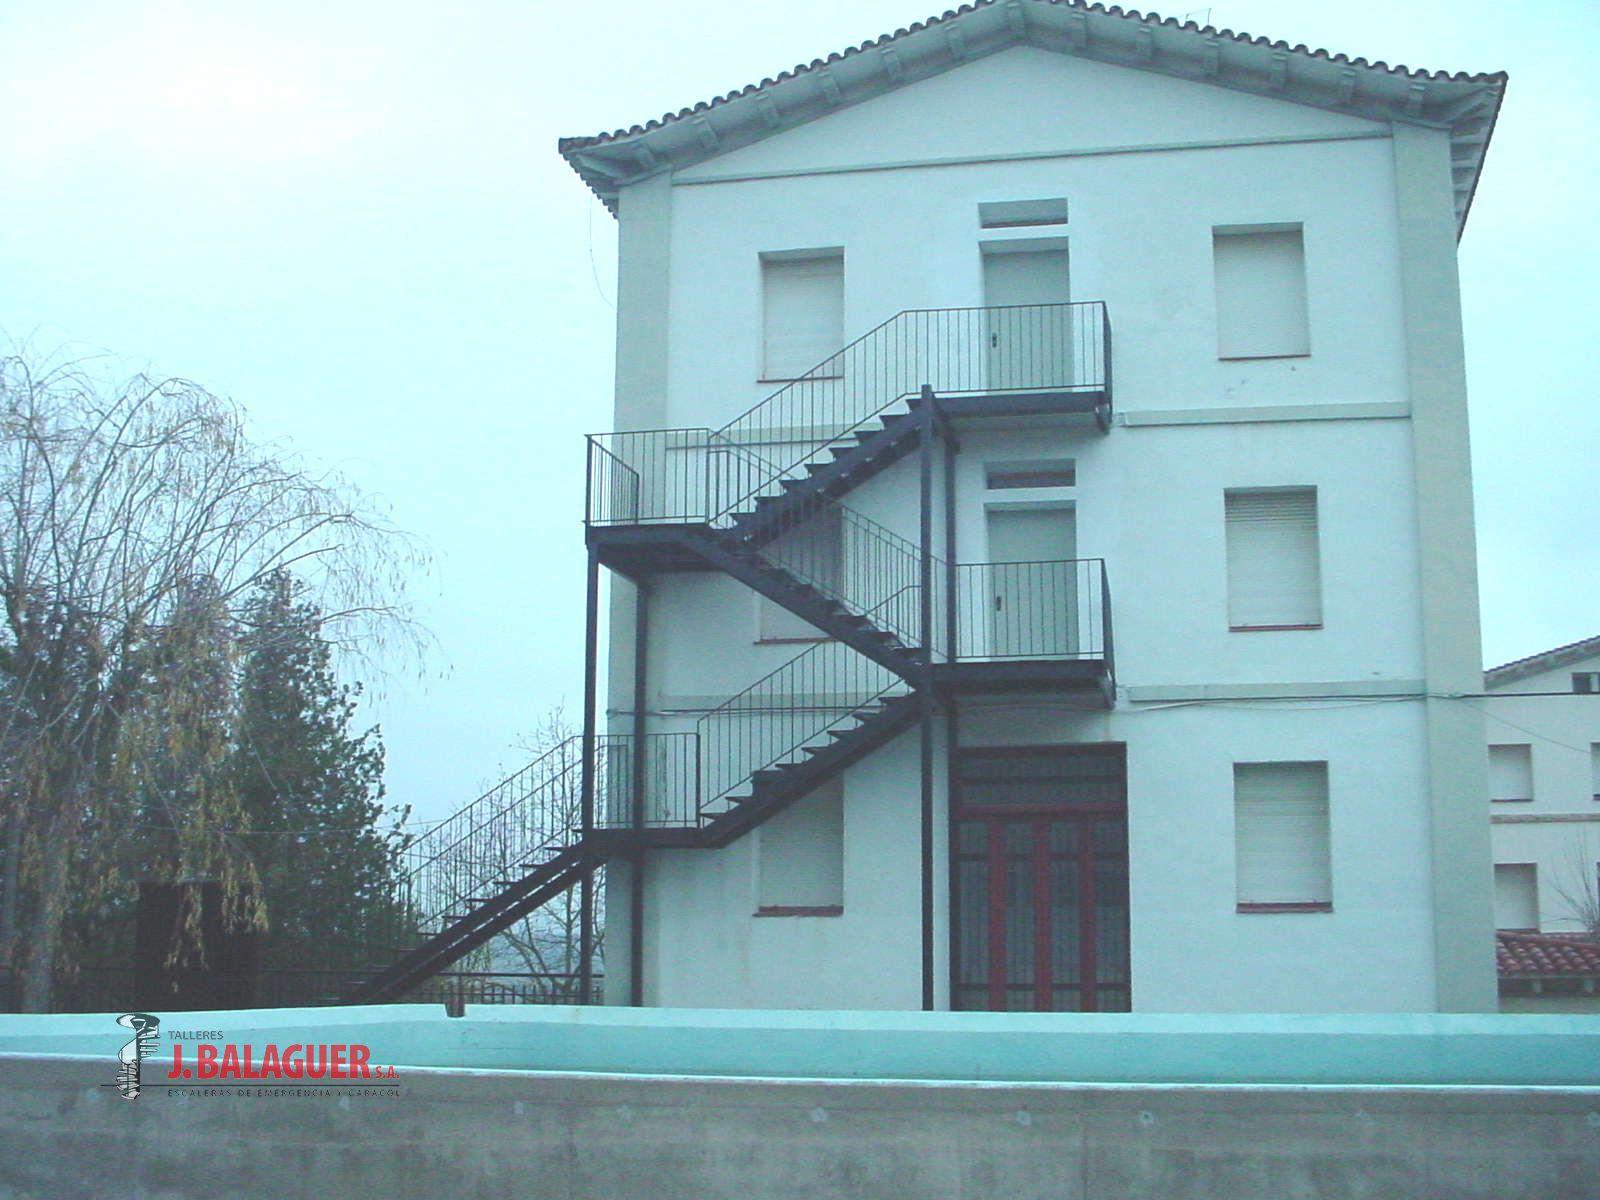 Escaleras emergencia escaleras balaguer - Escaleras balaguer ...